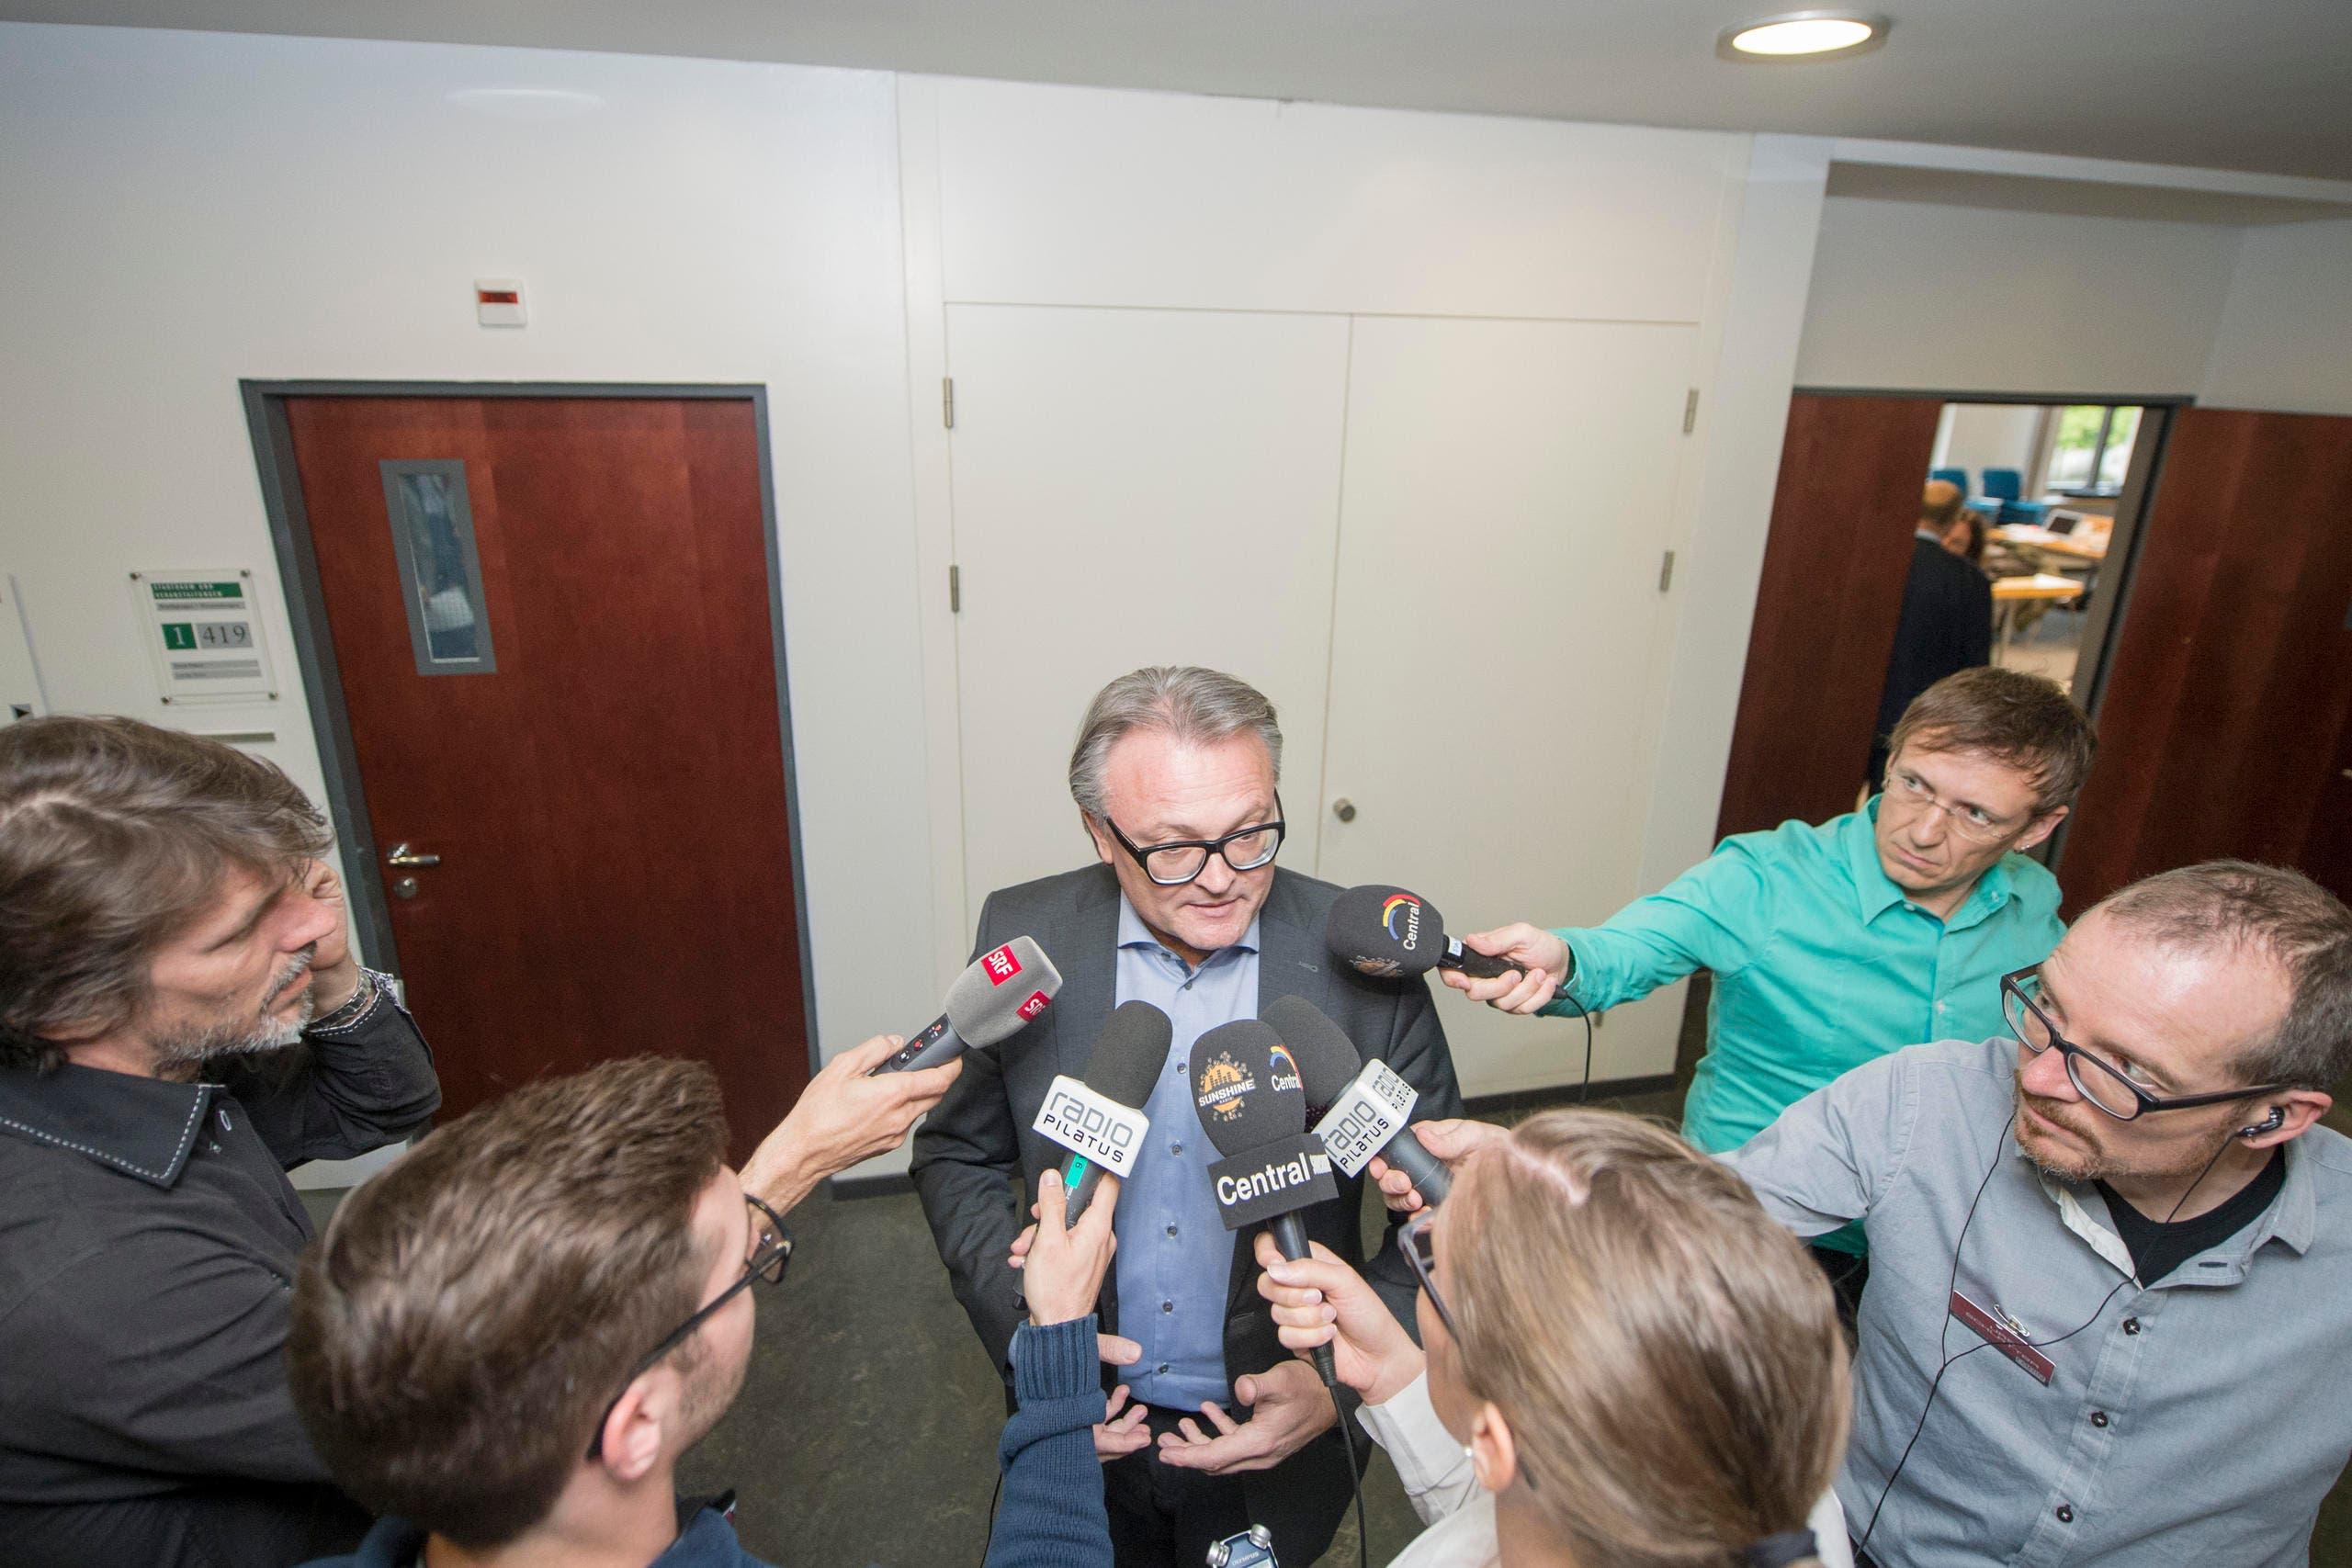 Der Luzerner Stadtpräsident Stefan Roth war am Wahlsonntag vom 1. Mai ein gefragter Mann: Als Interviewpartner zu seiner Nicht-Wiederwahl. (Bild: Keystone / Urs Flüeler)